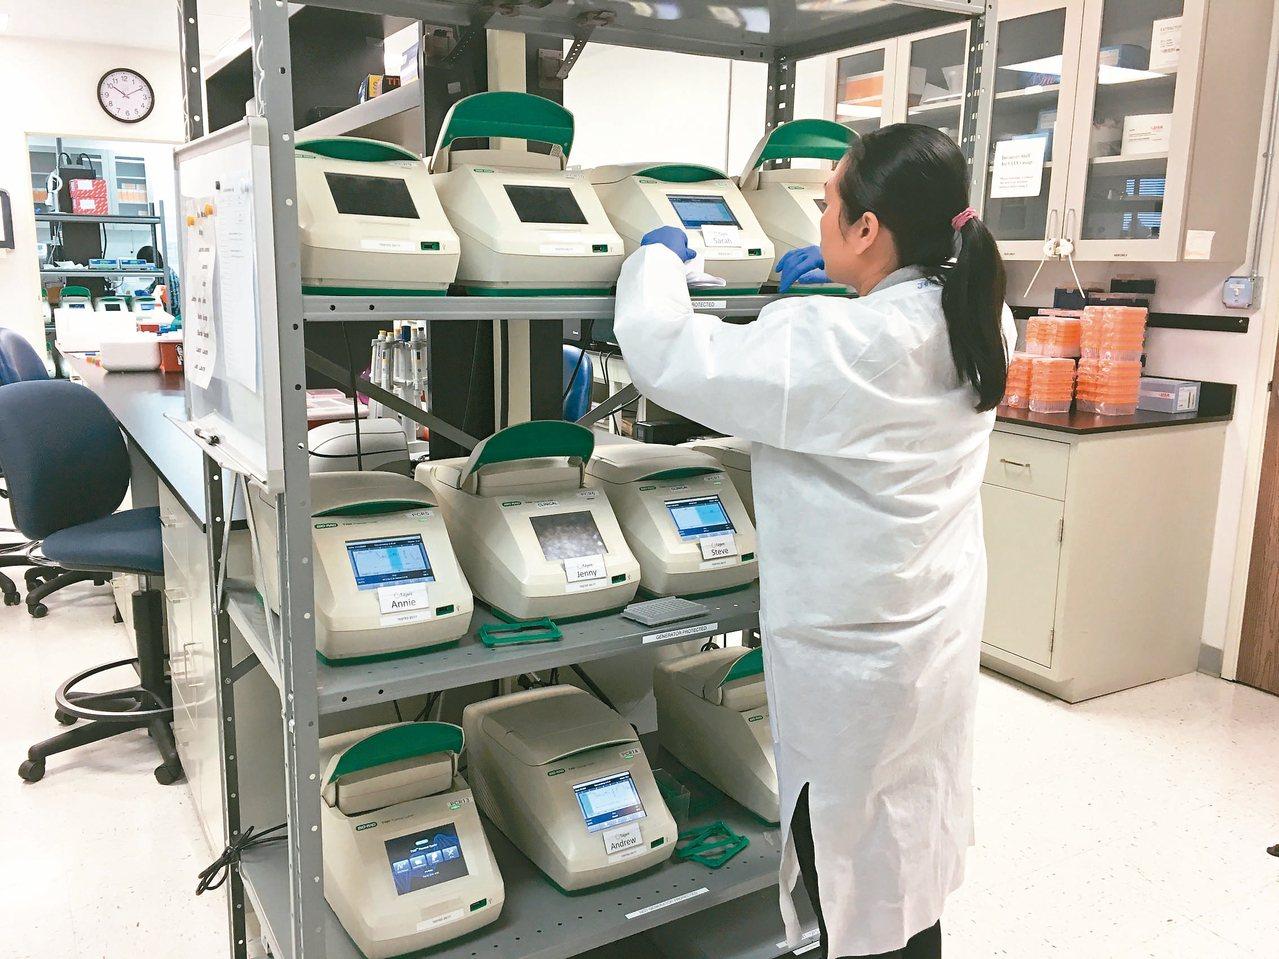 基因檢測成為科學算命,亂象叢生,衛福部控管檢測項目。圖為基因檢測實驗室。 圖/聯...